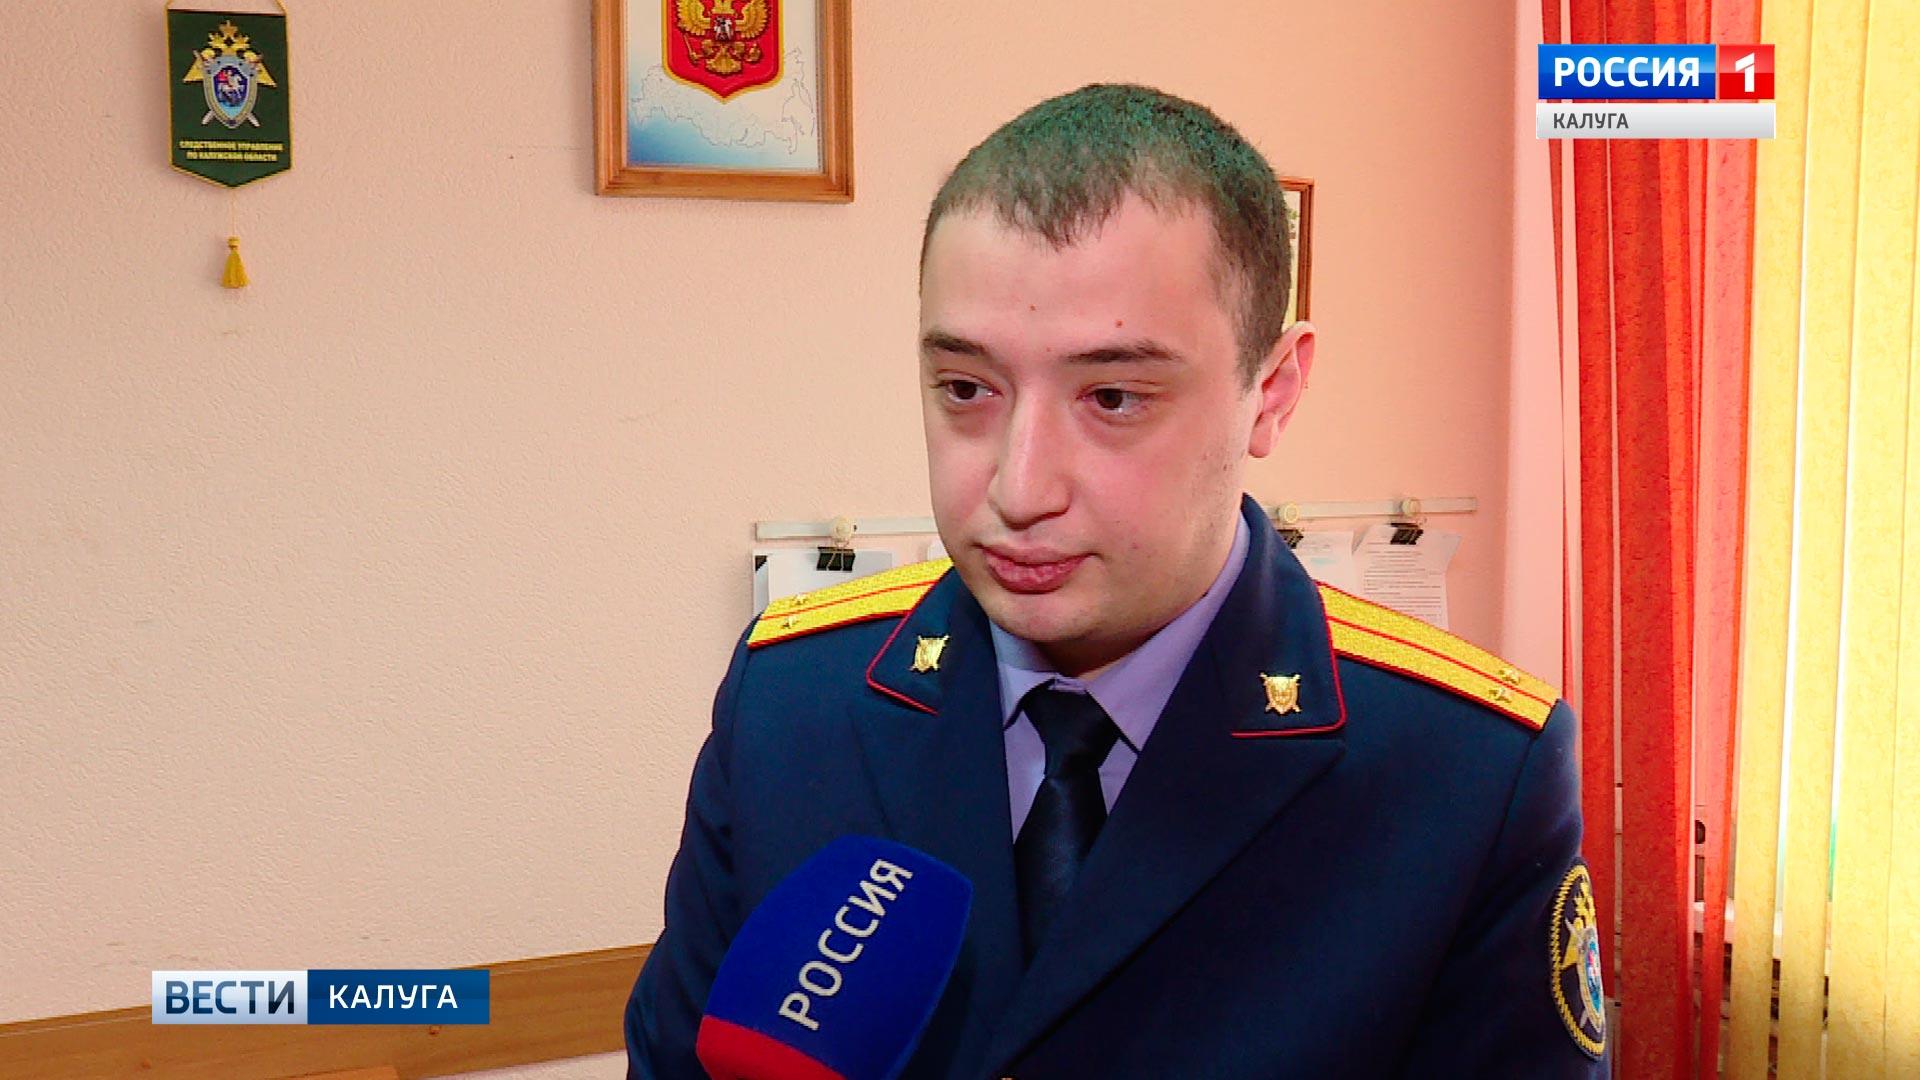 ВКалуге после смерти ребенка отпневмонии возбудили уголовное дело